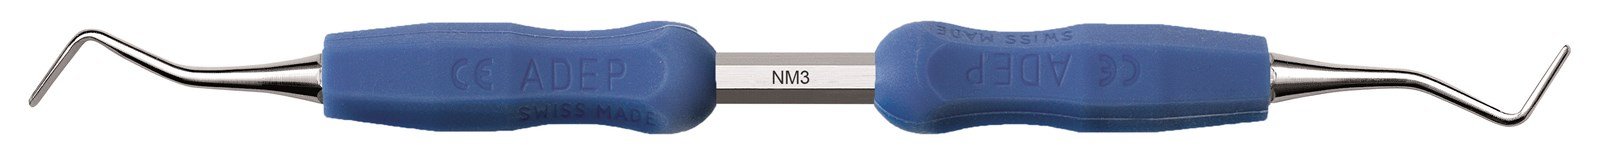 Lžičkové dlátko - NM3, ADEP žlutý